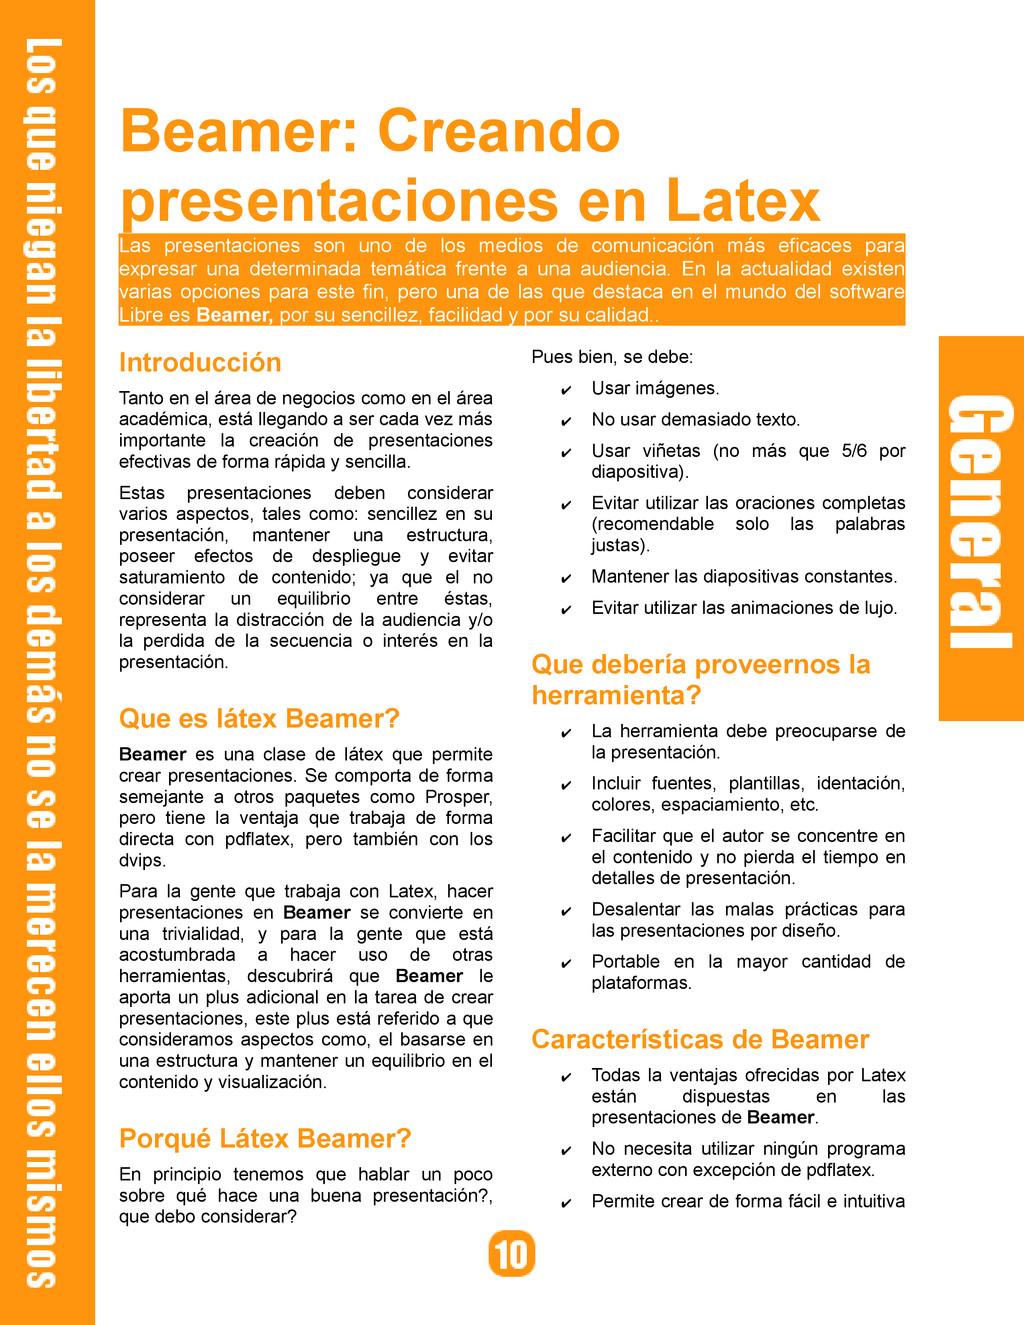 Beamer: Creando presentaciones en Latex Las pre...